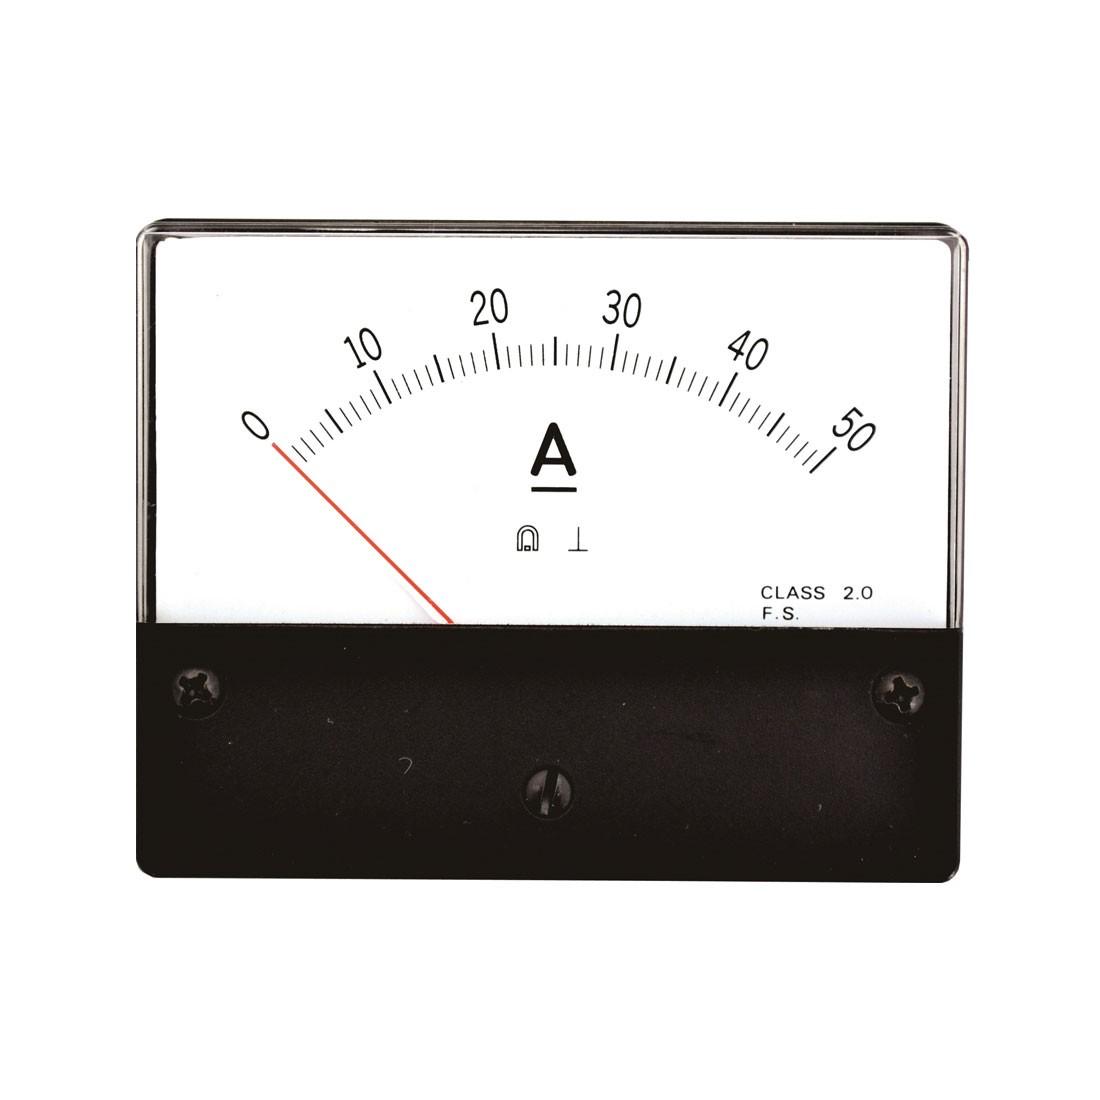 HST-100 AC or DC Analog Panel Meter